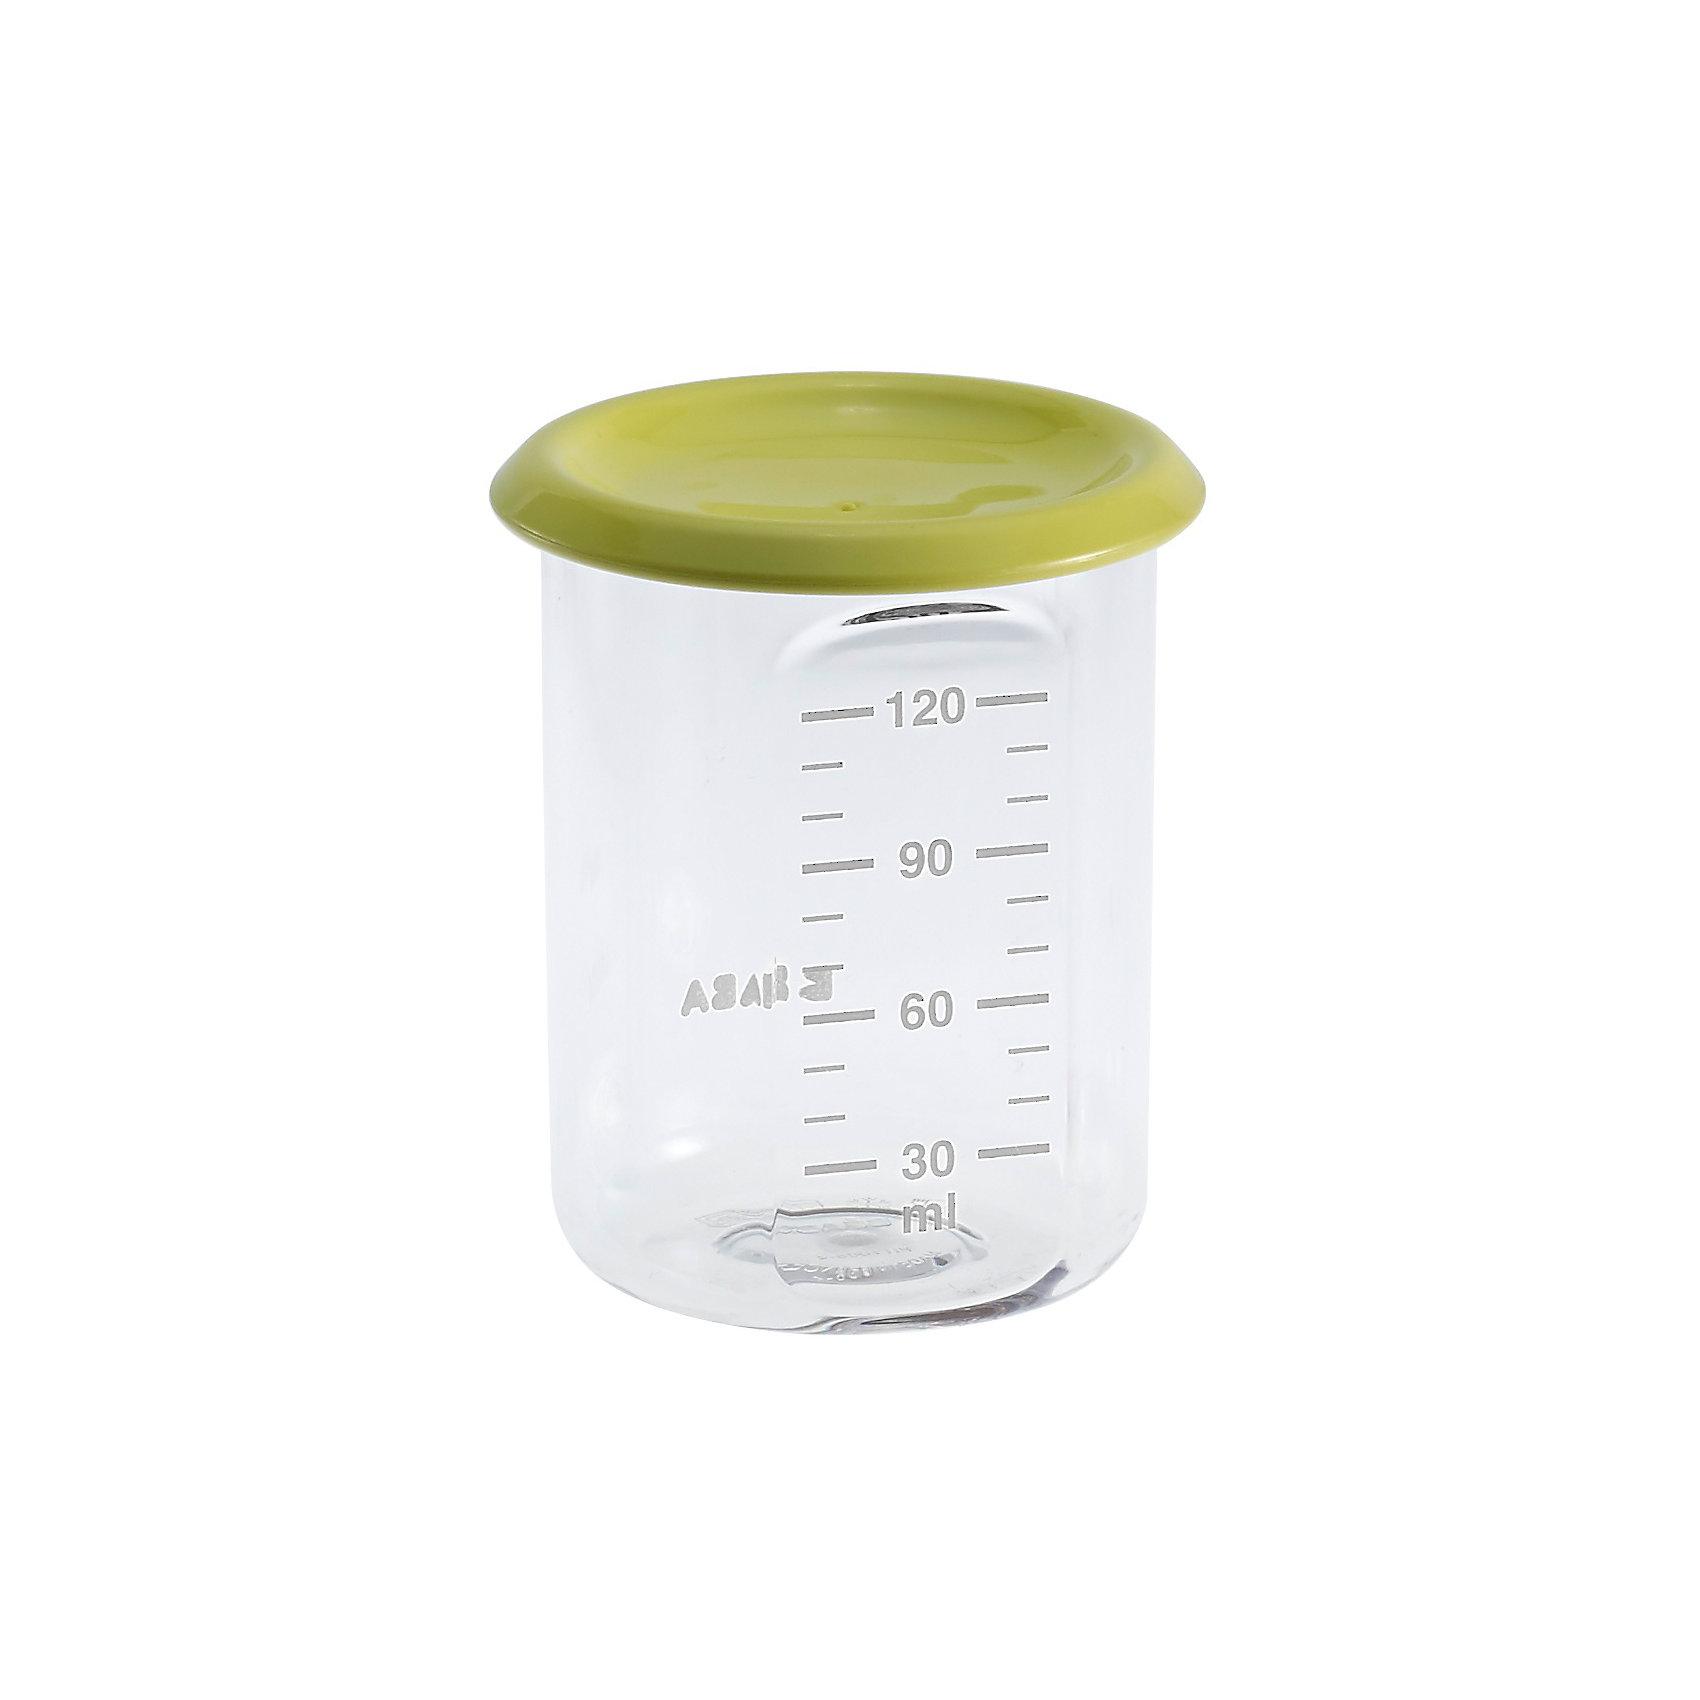 Контейнер для хранения Baby Portion 120мл, Beaba, салатовыйПосуда для малышей<br>Контейнер для хранения Baby Portion 120мл, Beaba (Беаба), салатовый<br><br>Характеристики:<br><br>• герметично закрывается крышкой<br>• удобная мерная шкала<br>• не содержит бисфенол А<br>• можно разогревать в микроволновой печи и мыть в посудомоечной машине<br>• цвет: салатовый<br>• объем: 120 мл<br>• размер: 6х6х7,5 см<br>• вес: 200 грамм<br><br>Контейнер Baby Portion - отличный помощник для родителей. Крышка контейнера плотно закрывается для надежного хранения пищевых продуктов. Контейнер можно мыть в посудомоечной машине, использовать для заморозки продуктов и разогревать в микроволновой печи. Удобная мерная шкала поможет вам отмерить необходимое количество продукта. Не содержит бисфенол А.<br><br>Контейнер для хранения Baby Portion 120мл, Beaba (Беаба), салатовый можно купить в нашем интернет-магазине.<br><br>Ширина мм: 62<br>Глубина мм: 62<br>Высота мм: 81<br>Вес г: 50<br>Возраст от месяцев: 4<br>Возраст до месяцев: 2147483647<br>Пол: Унисекс<br>Возраст: Детский<br>SKU: 5445713